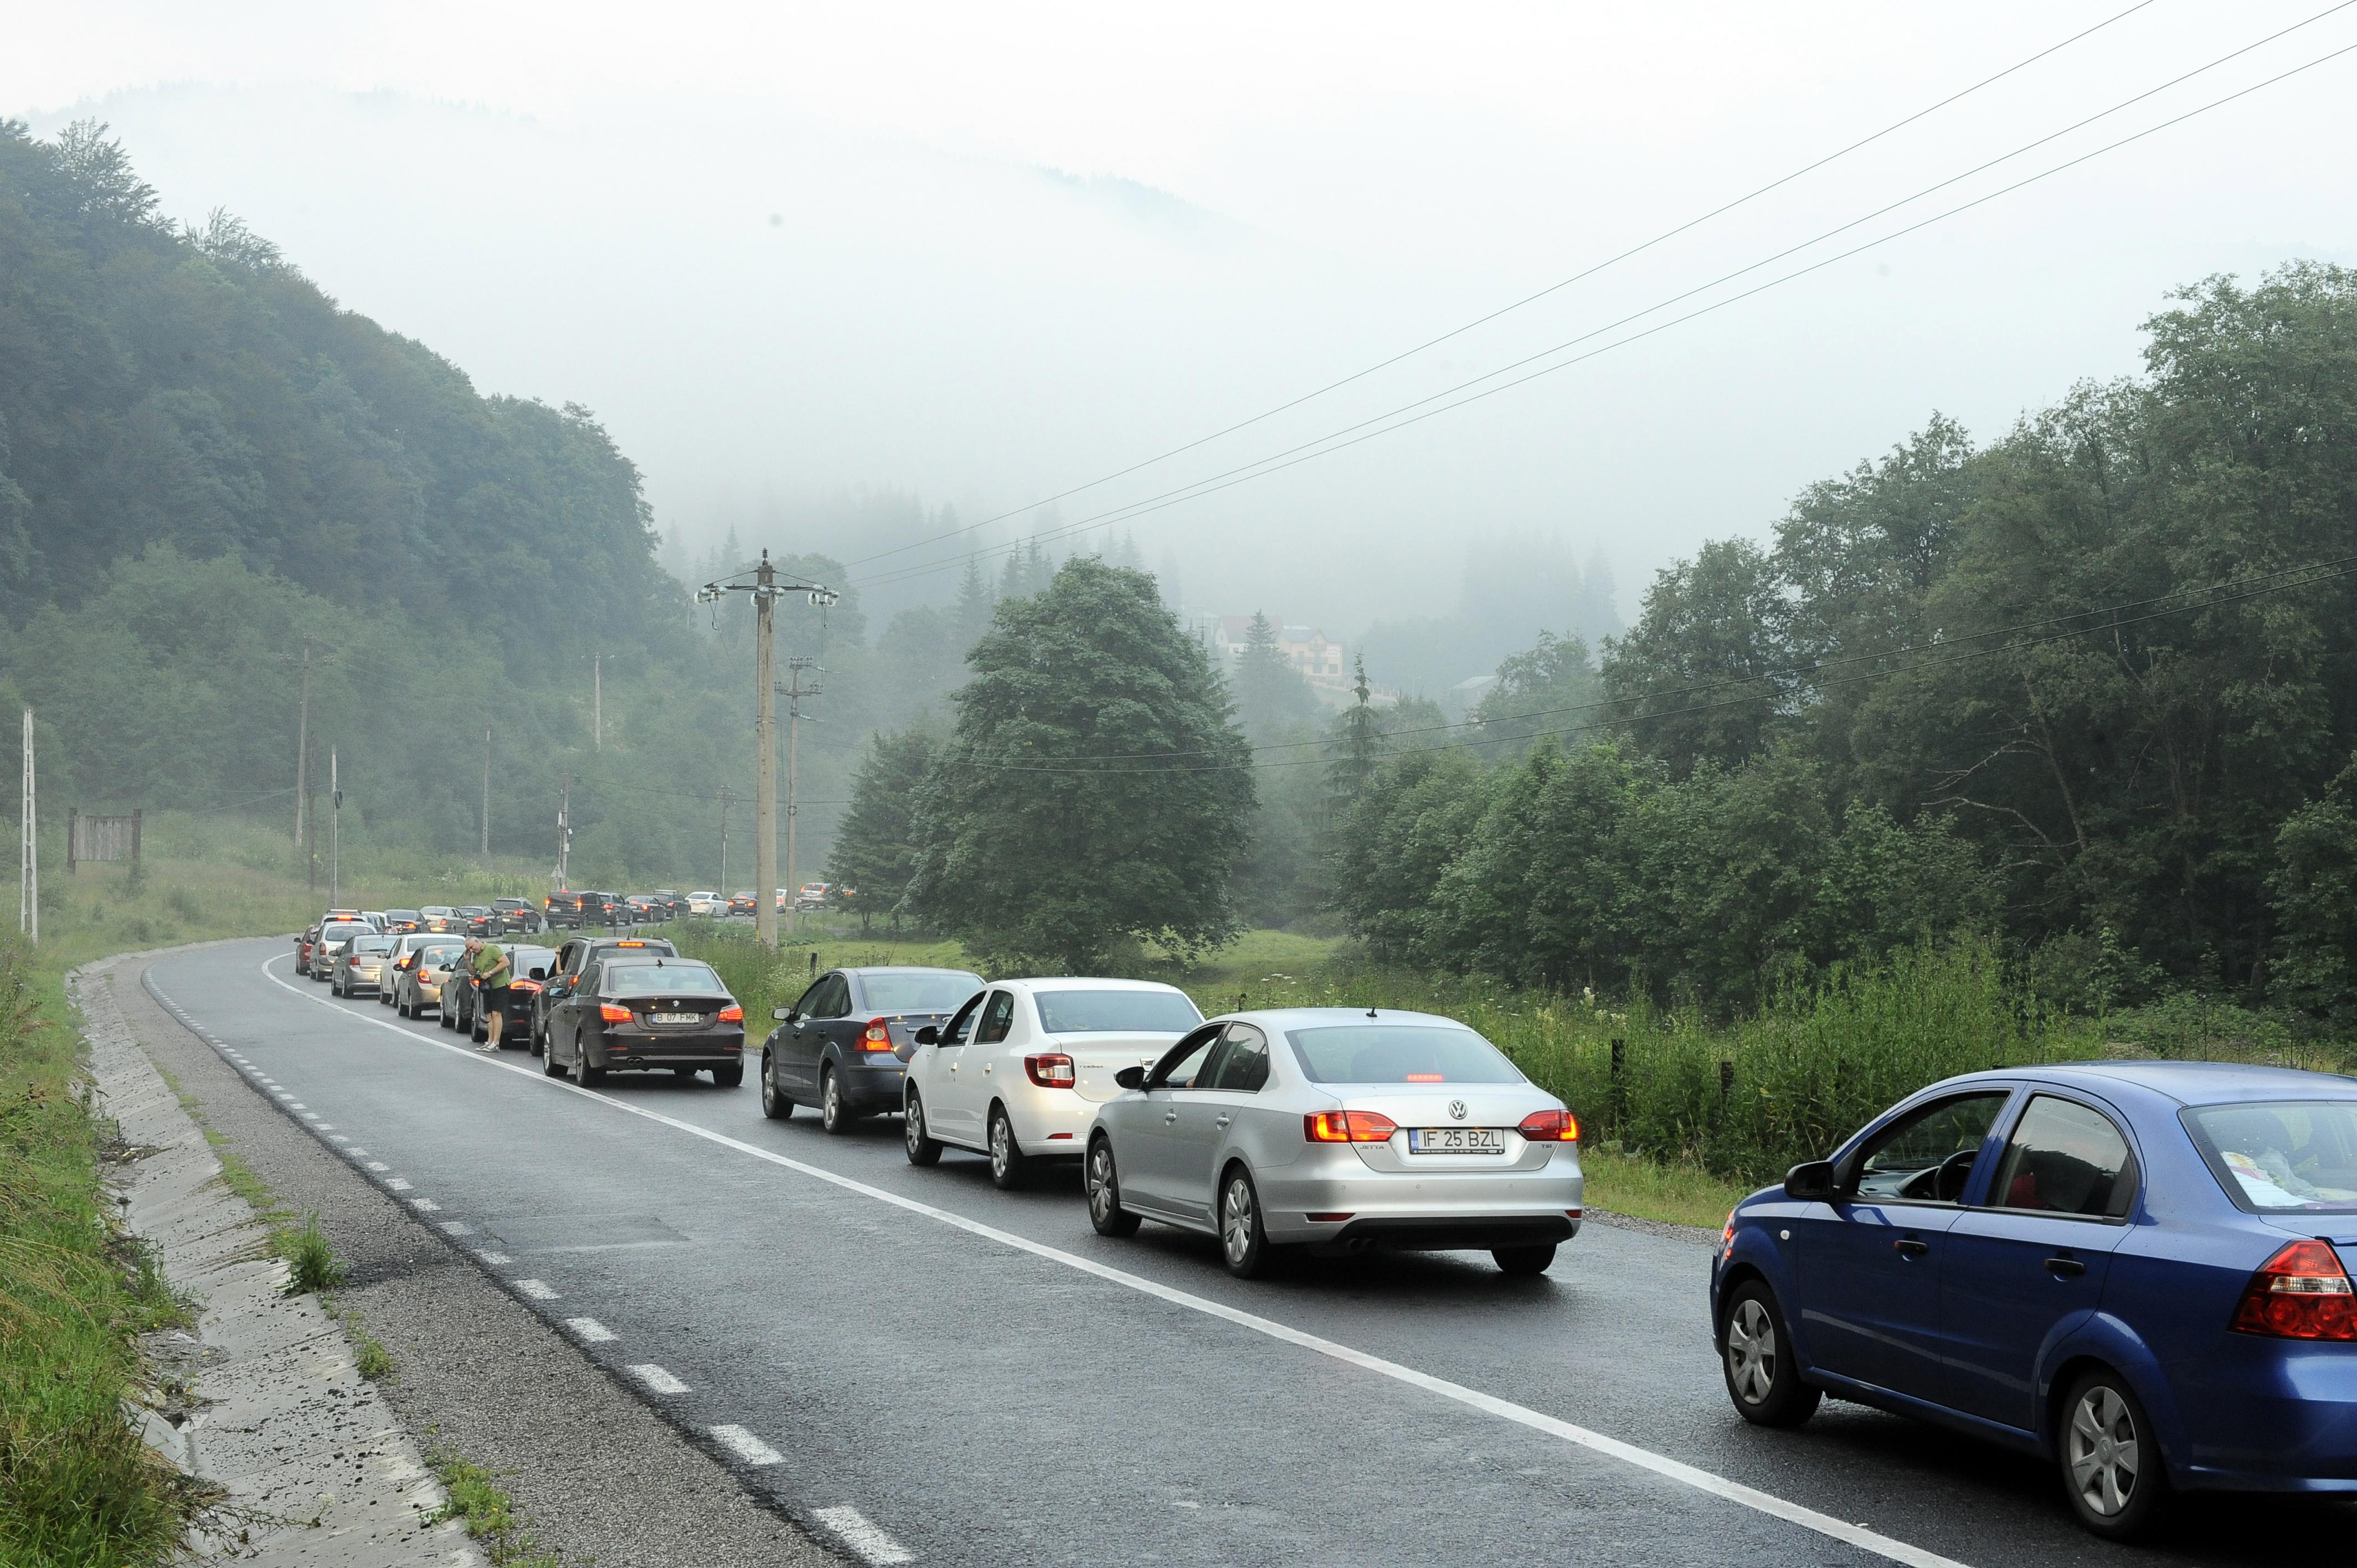 Bode a gasit o solutie pentru traficul de pe Valea Prahovei: Am identificat un drum forestier care poate fi folosit ca ruta alternativa